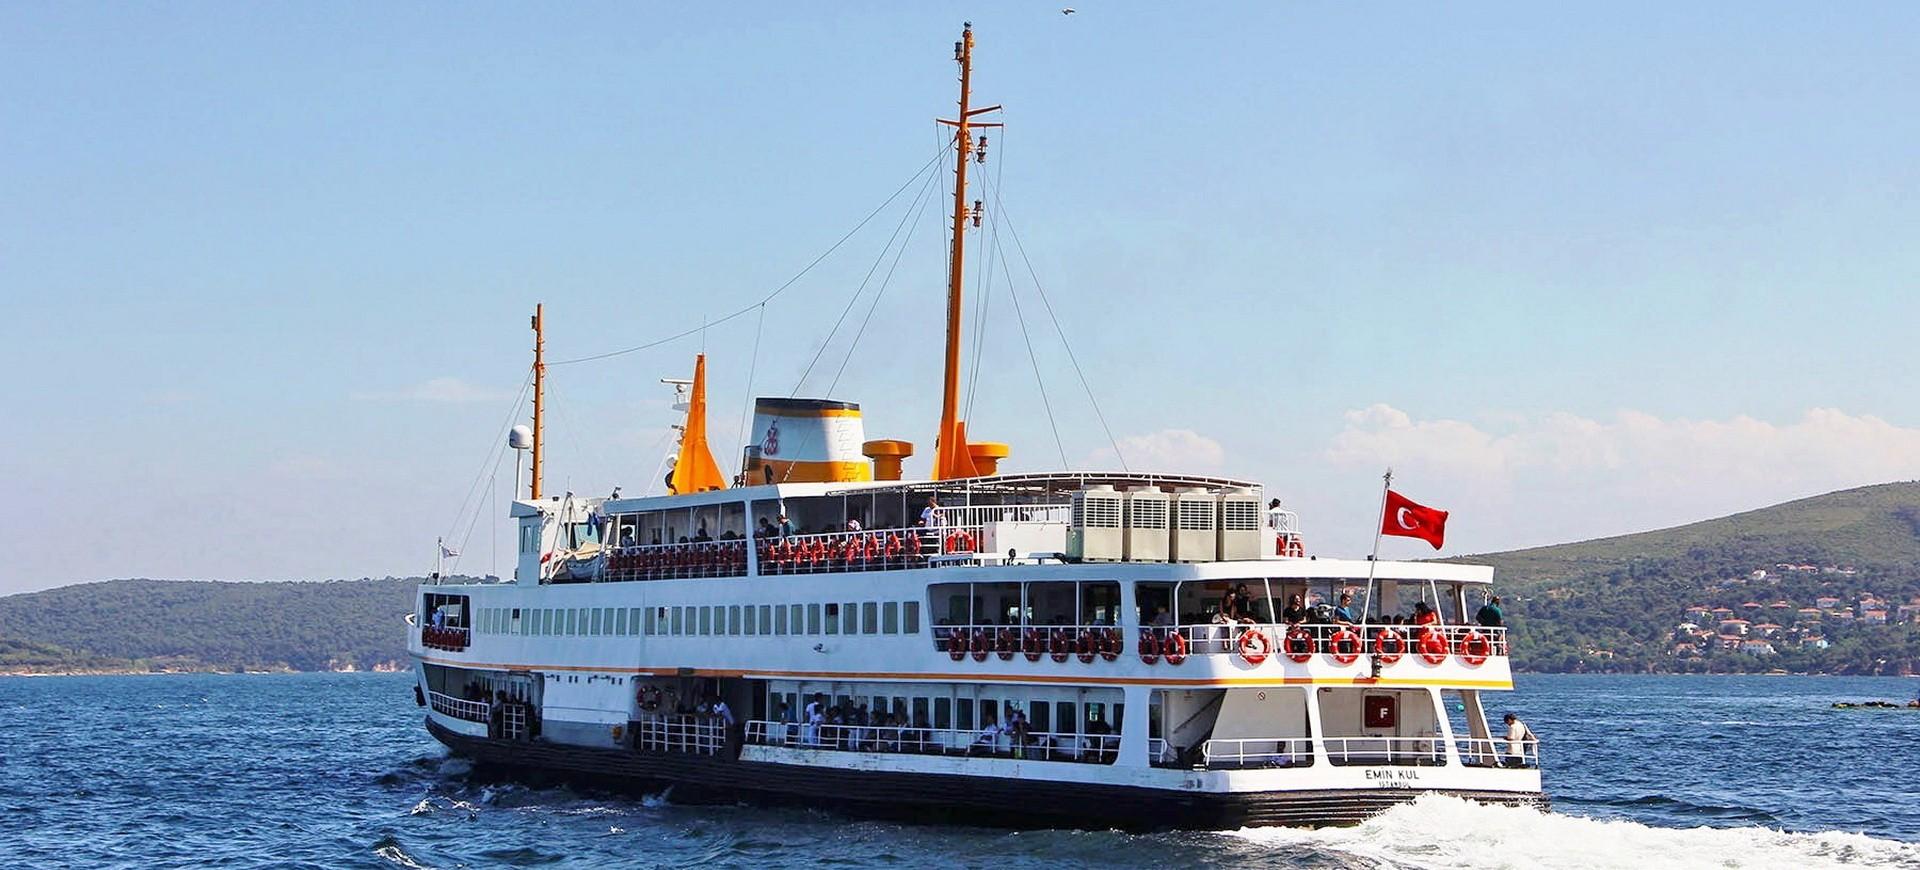 Turquie Istanbul Croisière sur le Bosphore